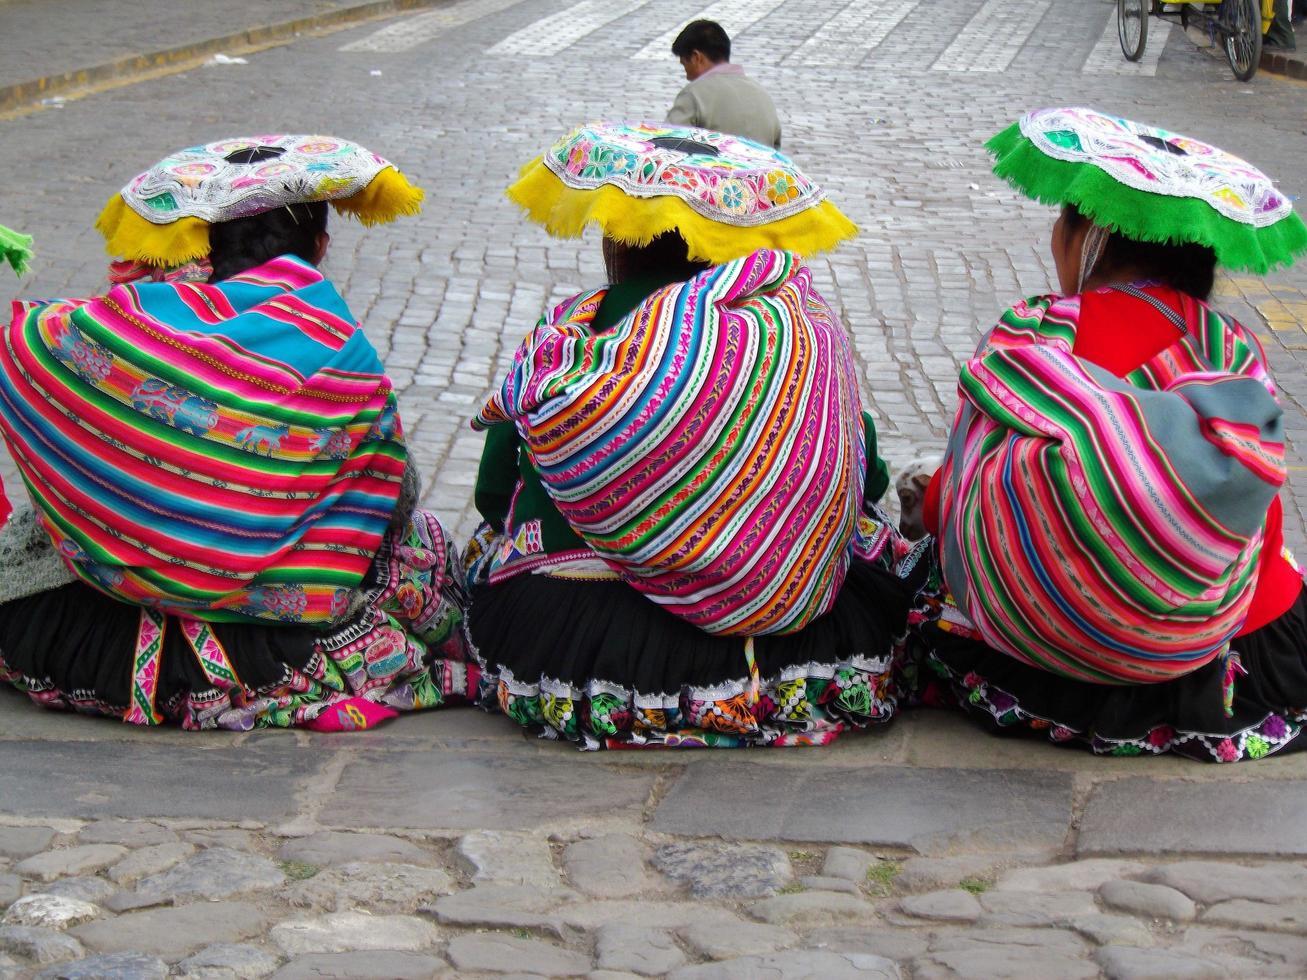 peru 2015 - grupo de mujeres peruanas con vestimenta tradicional en cusco foto